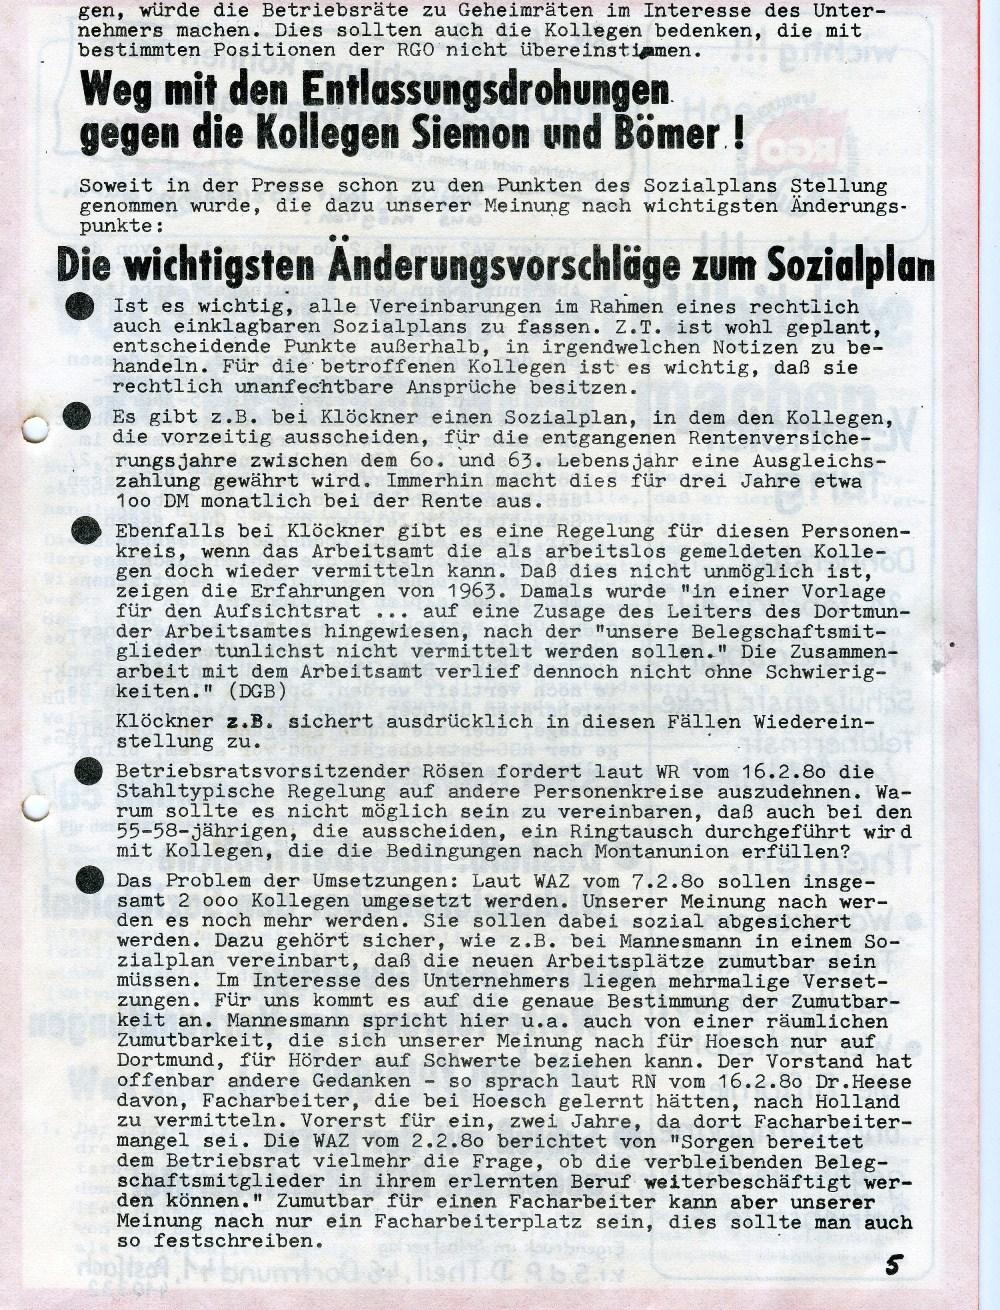 BG_Hoesch_RGO_Flugblatt_1980_05